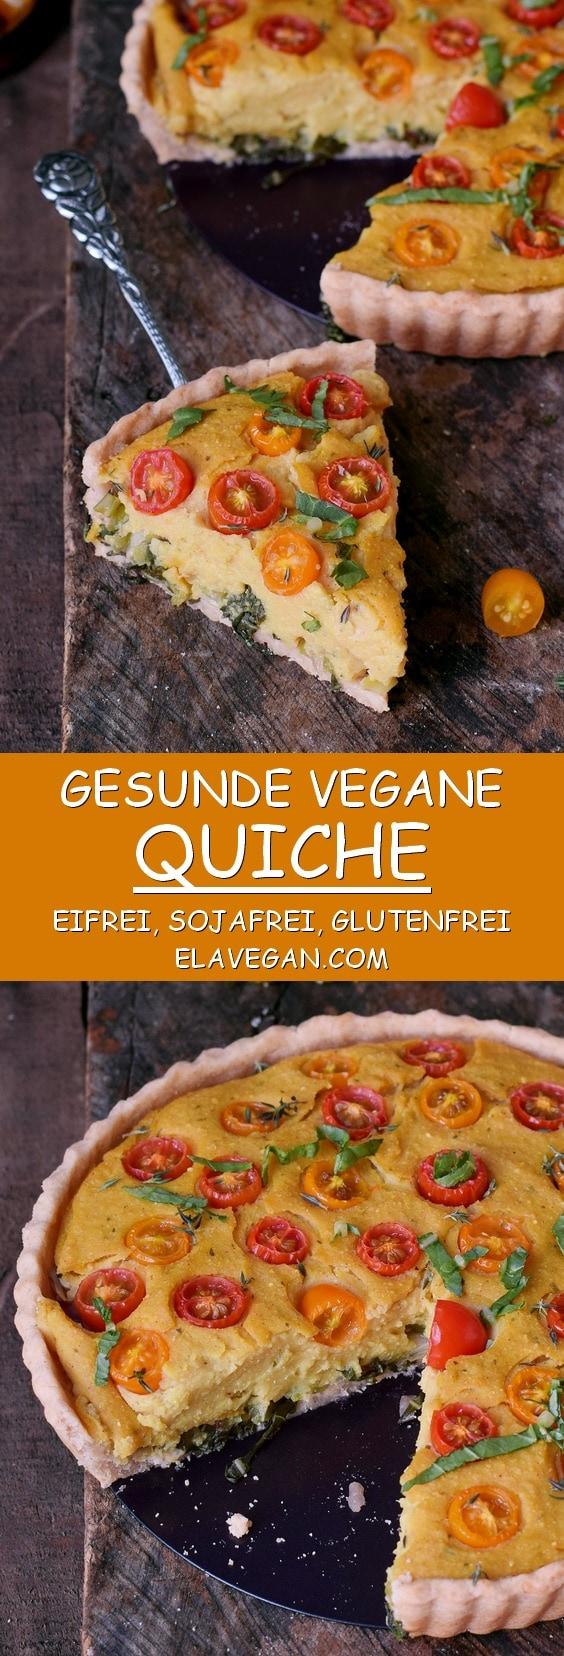 Gesunde vegane Quiche eifrei sojafrei glutenfrei pinterest collage